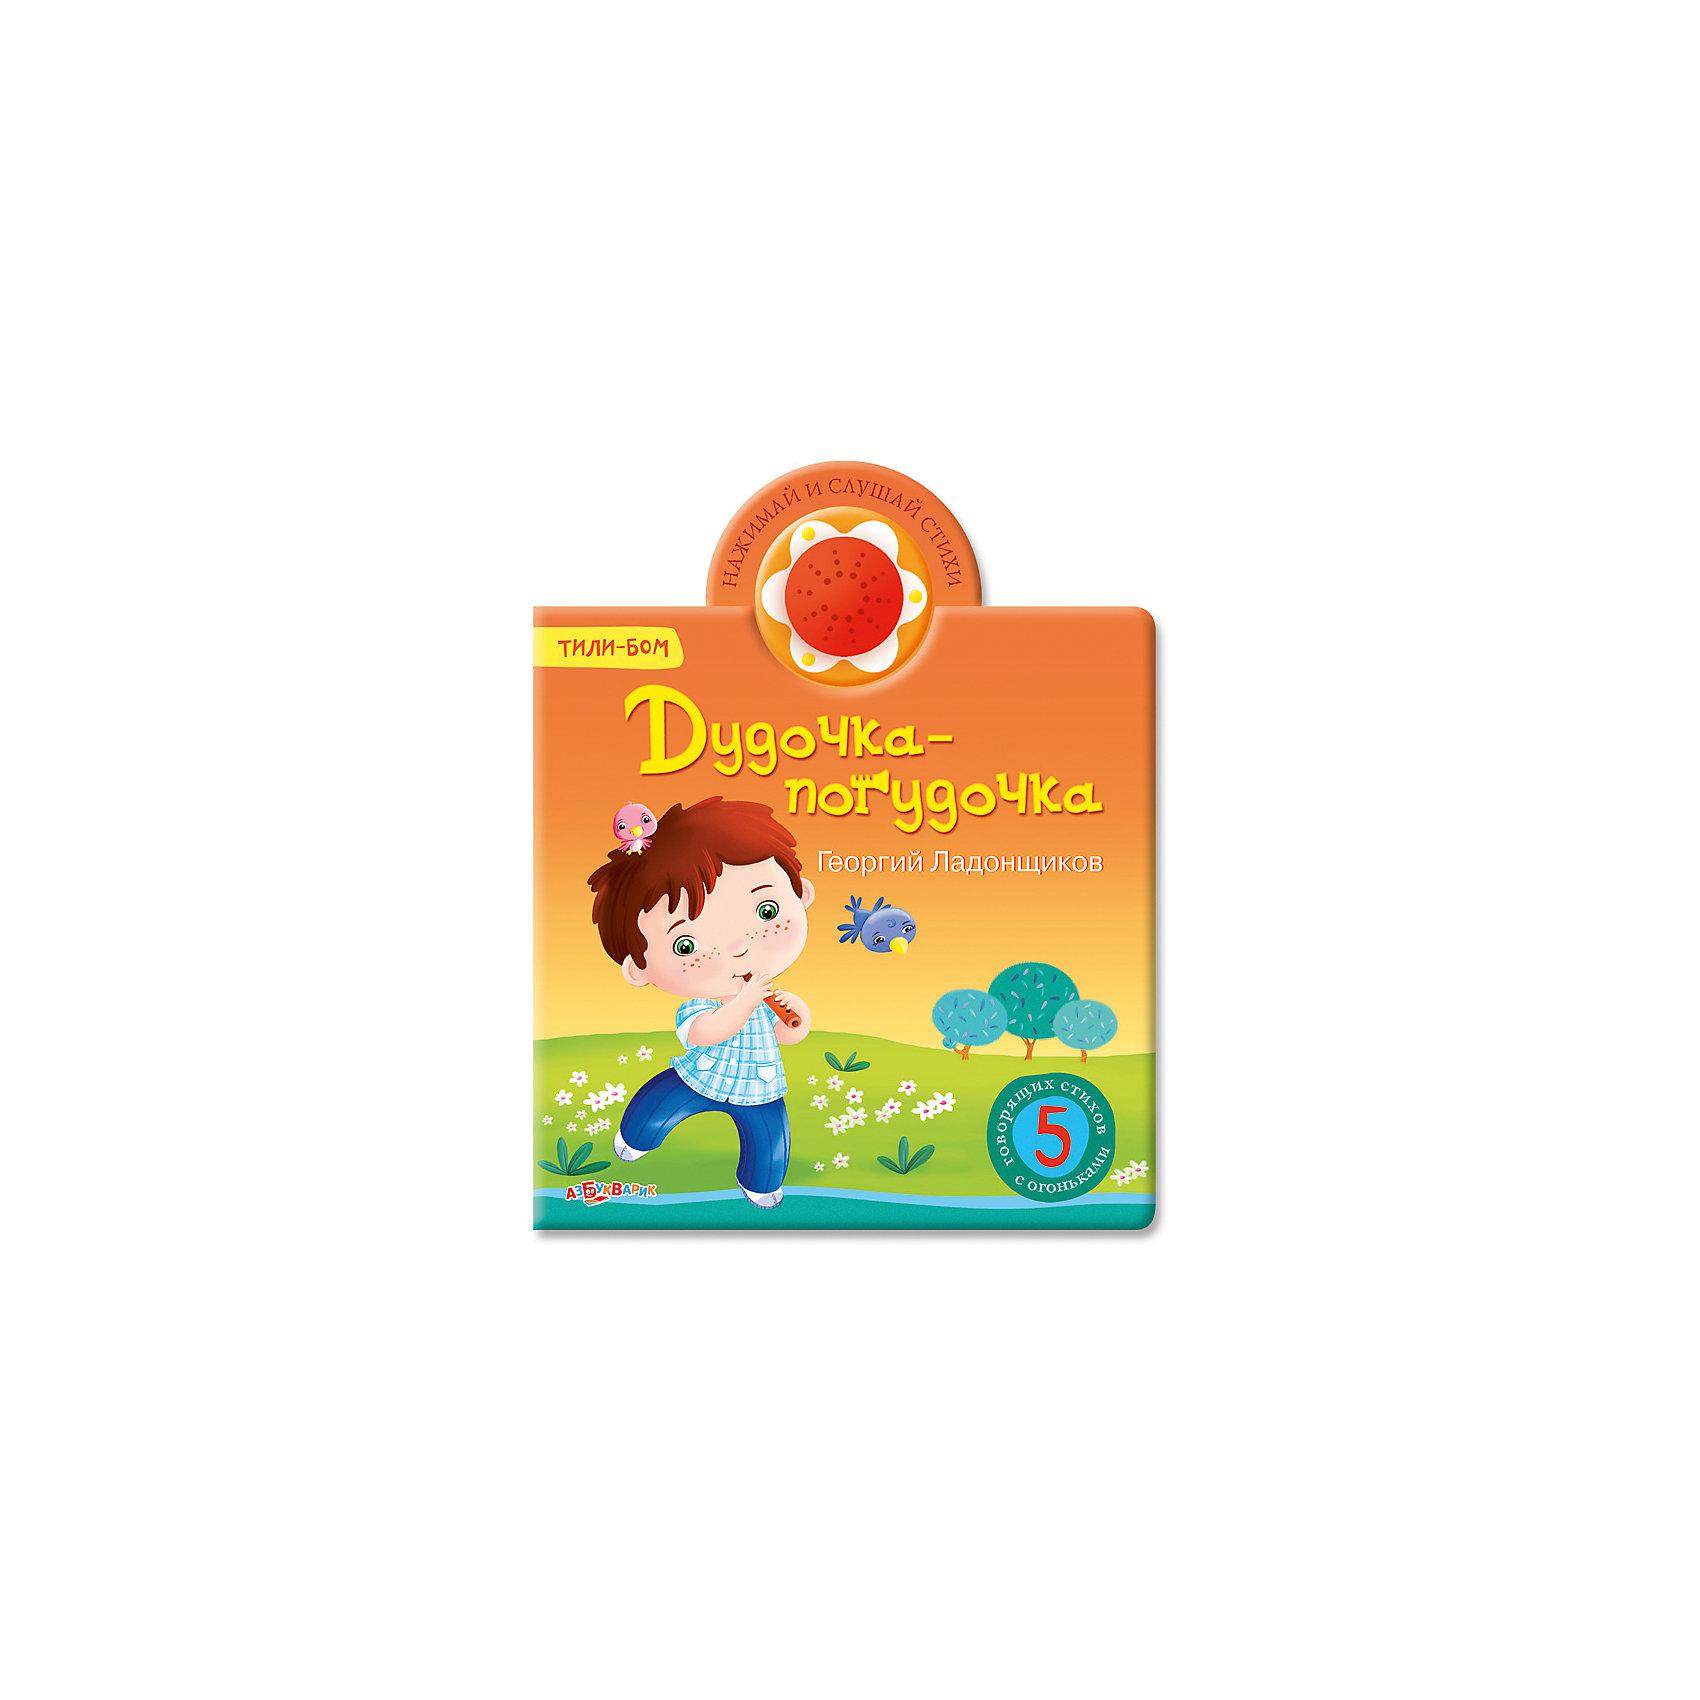 Книга со звуковым модулем Дудочка-погудочкаКрасочно проиллюстрированные детские стихи обязательно понравятся малышам! Нажимай на кнопочку, слушай веселые стихи в прекрасном исполнении и смотри, как переливаются разноцветные огоньки.<br>Плотная обложка и картонные страницы идеально подойдут даже для самых юных и активных читателей. <br><br>Дополнительная информация:<br><br>- Автор: Валентин Берестов. <br>- Формат: 17х21 см.<br>- Количество страниц: 10.<br>- Обложка: картон.<br>- Иллюстрации: цветные.<br>- Плотные картонные страницы. <br>- Звуковой модуль. <br>- Элемент питания: батарейки (в комплекте). <br><br>Книгу со звуковым модулем Дудочка-погудочка можно купить в нашем магазине.<br><br>Ширина мм: 17<br>Глубина мм: 21<br>Высота мм: 17<br>Вес г: 240<br>Возраст от месяцев: 24<br>Возраст до месяцев: 48<br>Пол: Унисекс<br>Возраст: Детский<br>SKU: 4951800